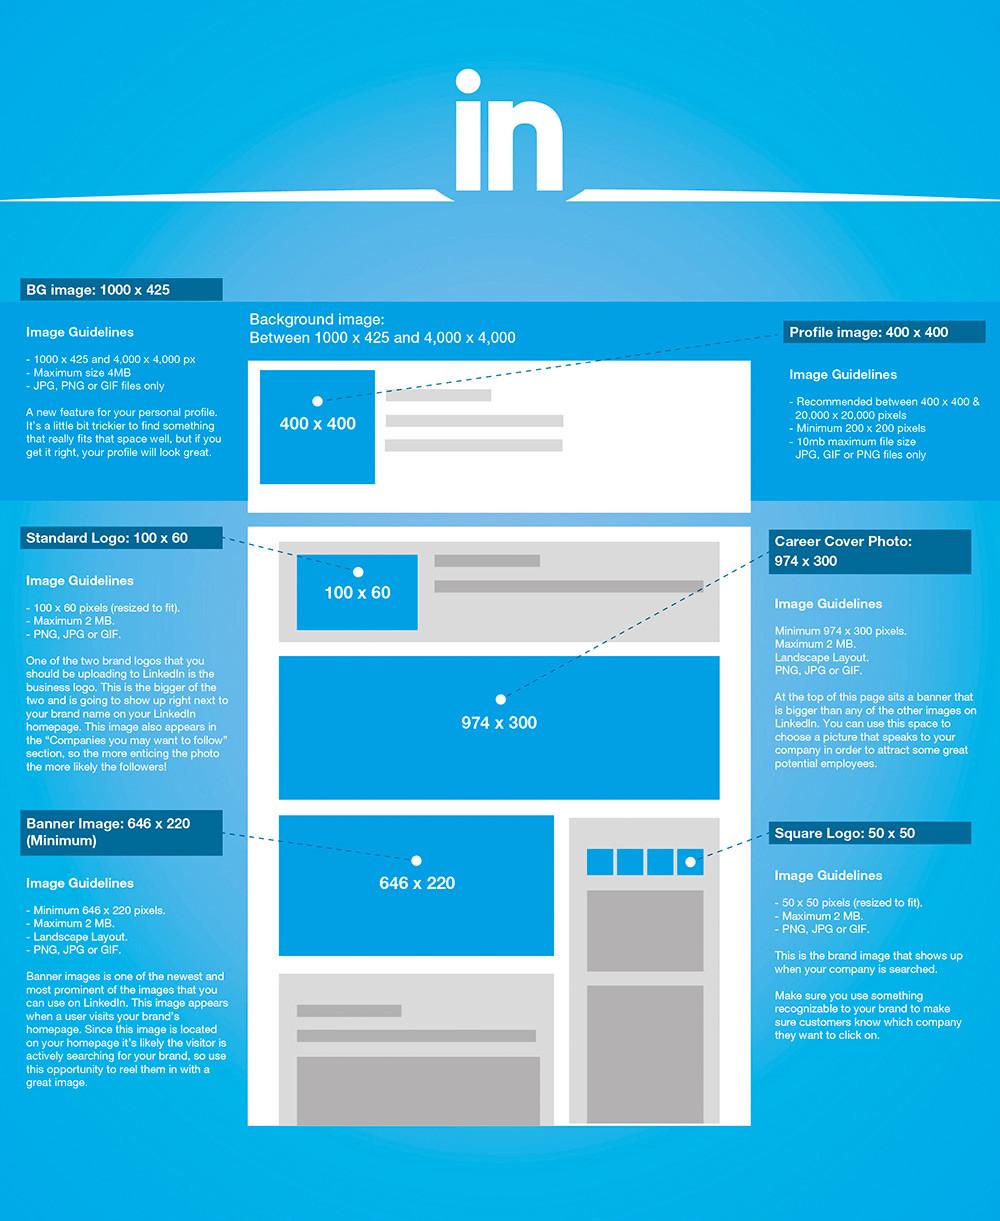 Dimensions des images sur LinkedIn 2016